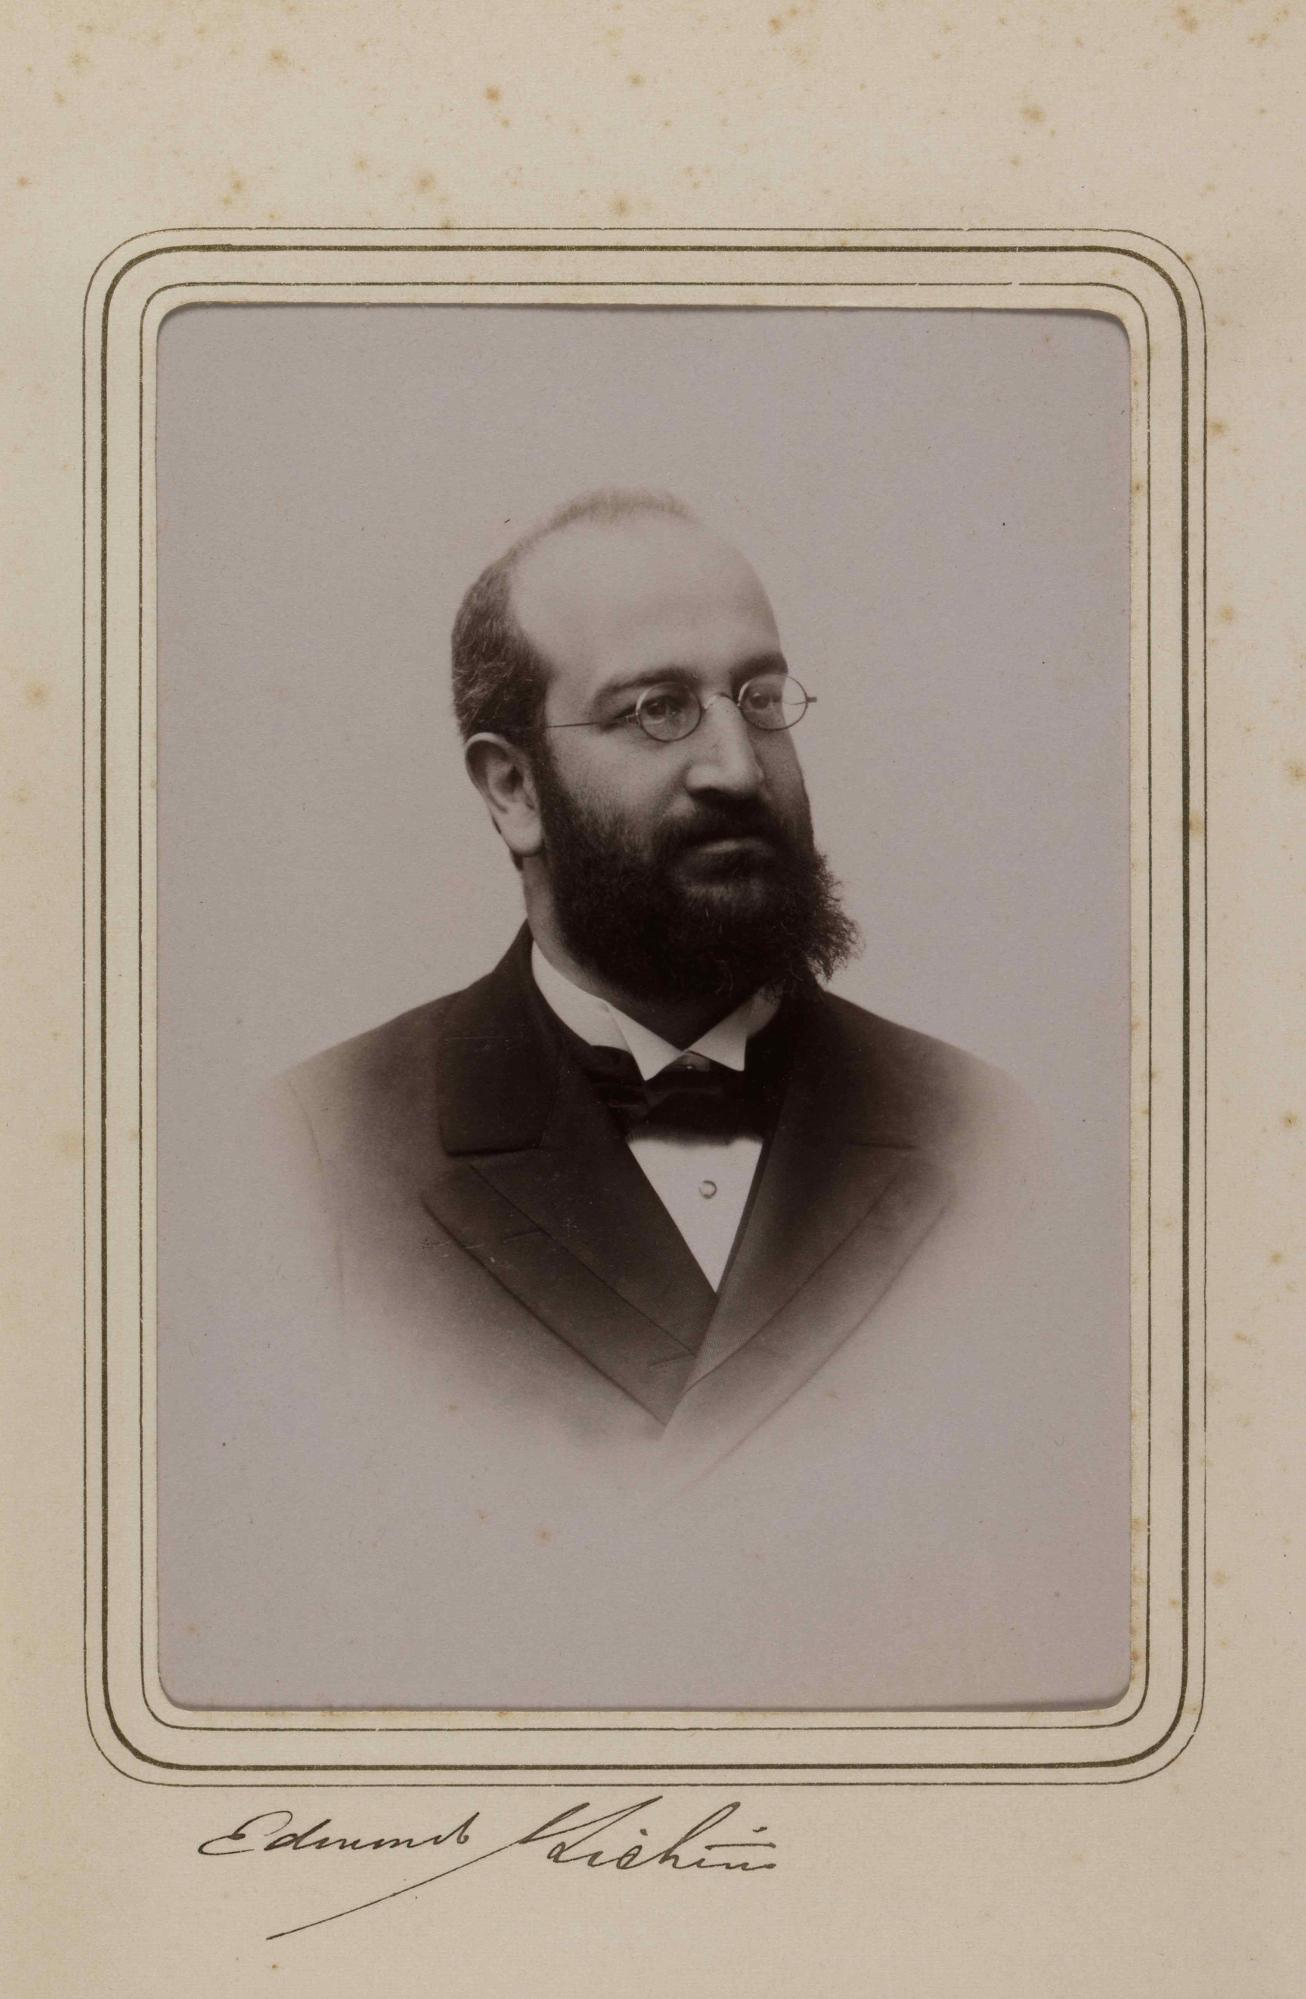 Edmondo Richetti a 39 anni (Trieste, 14 gennaio 1895) / ph. Duccio Zennaro